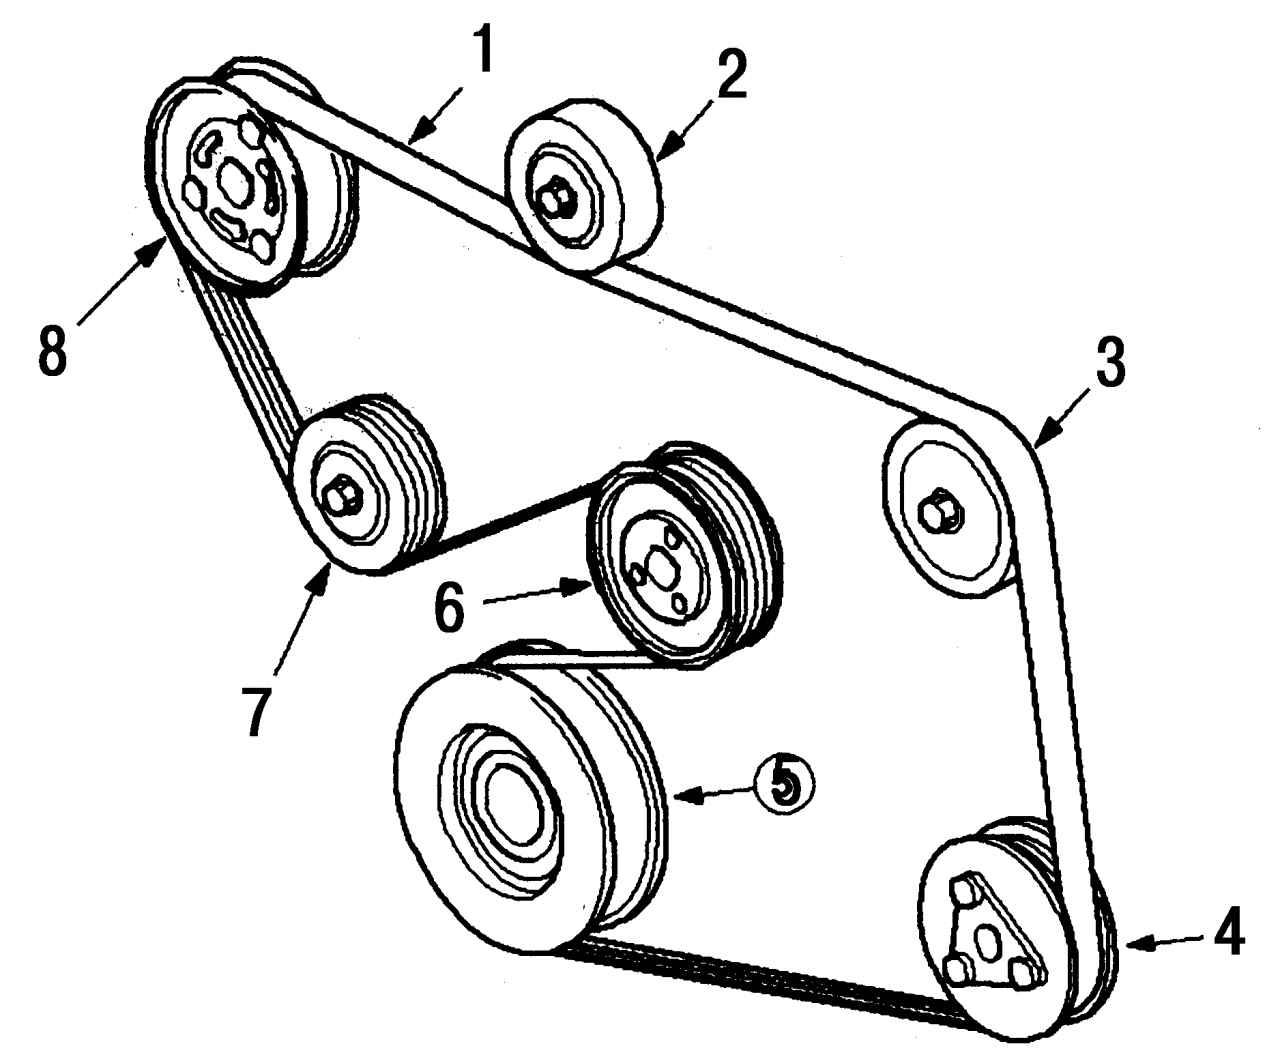 Ремень генератора на форд транзит 27 фотография